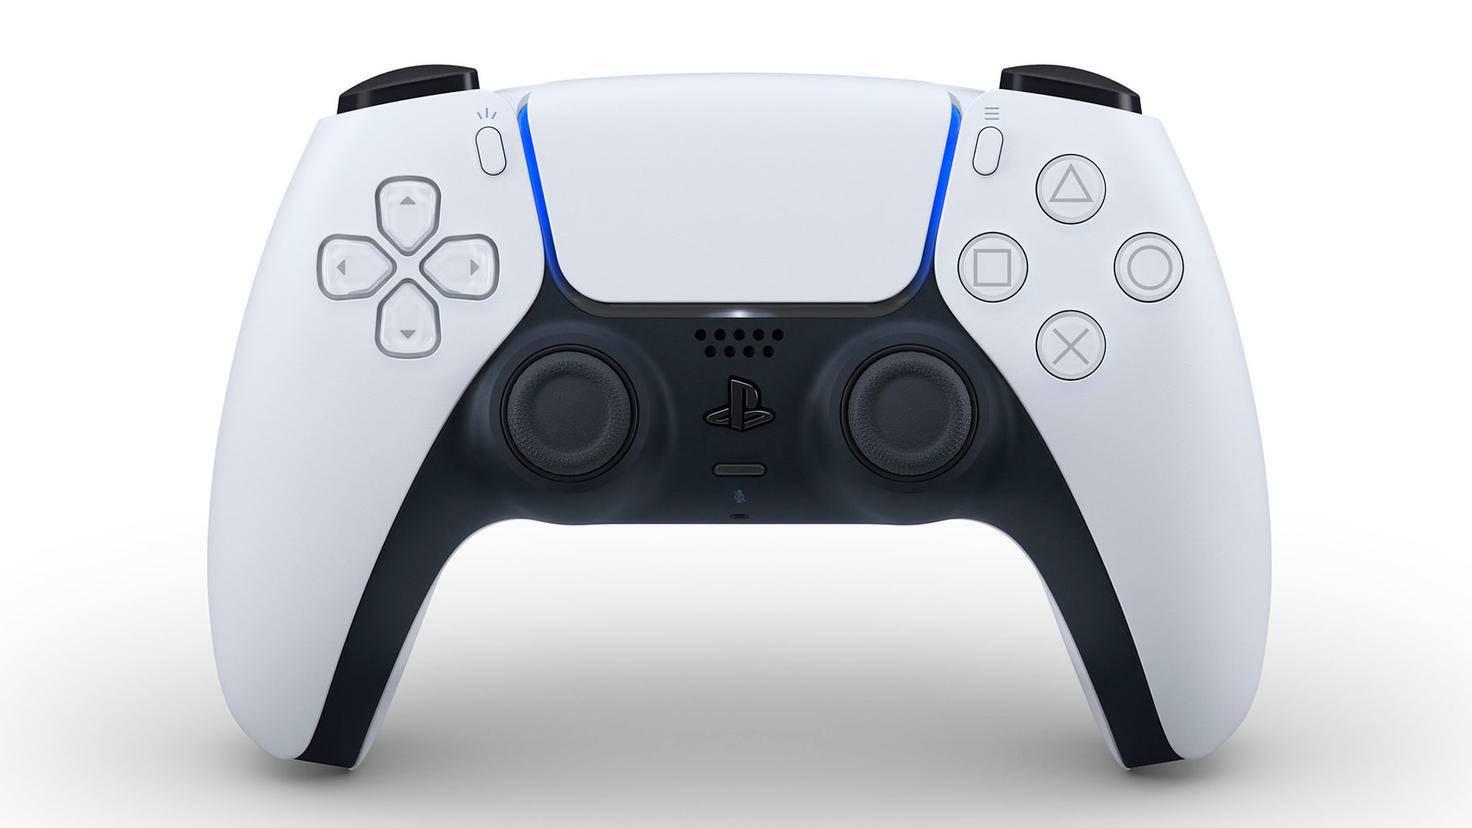 ps5-dualsense-controller-sony-03